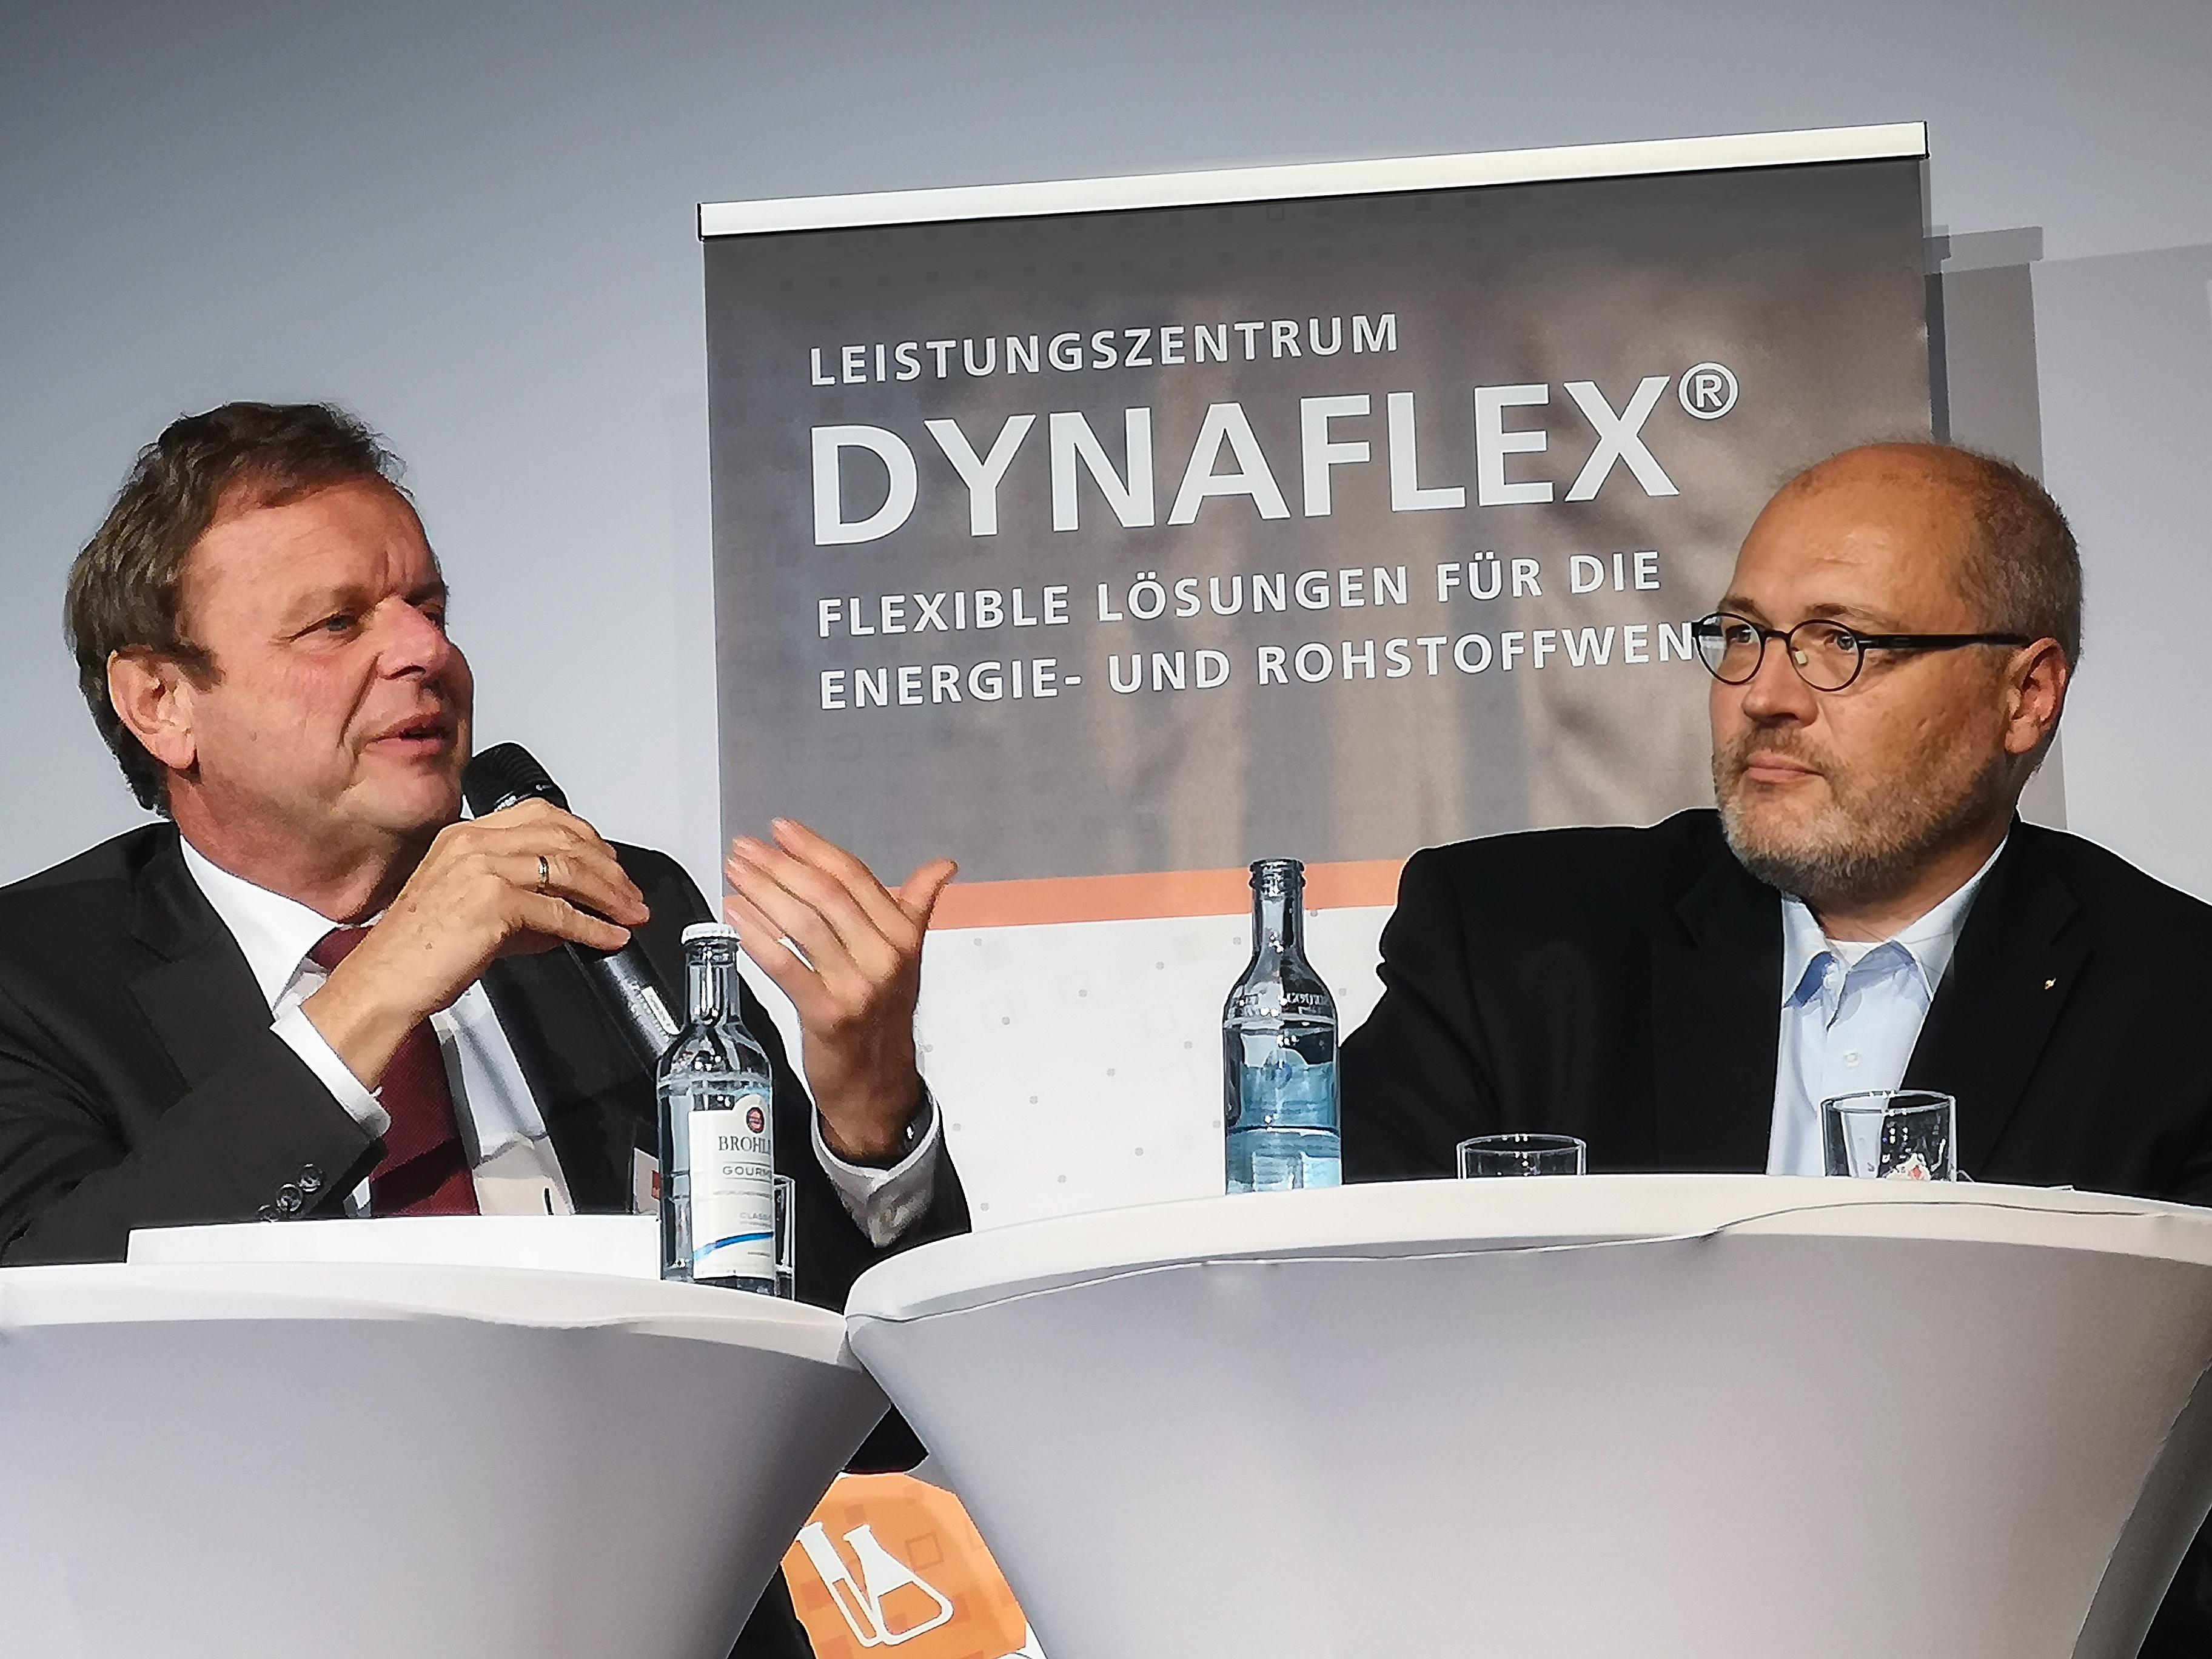 LEISTUNGSZENTRUM DYNAFLEX®Flexible Lösungen für die Energie- und Rohstoffwende